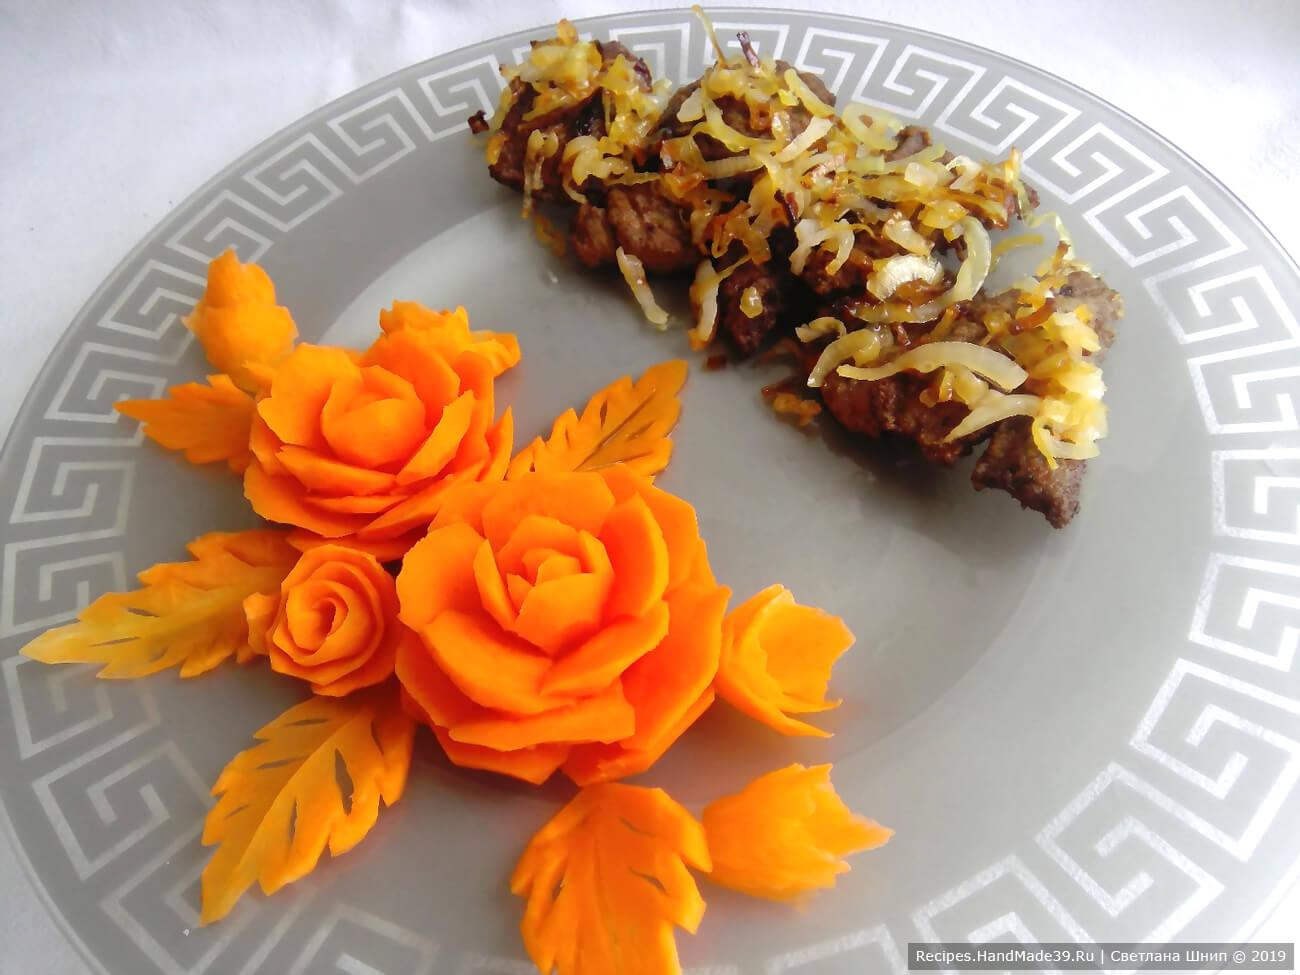 Отбивные из говяжьей печени – пошаговый кулинарный рецепт с фото